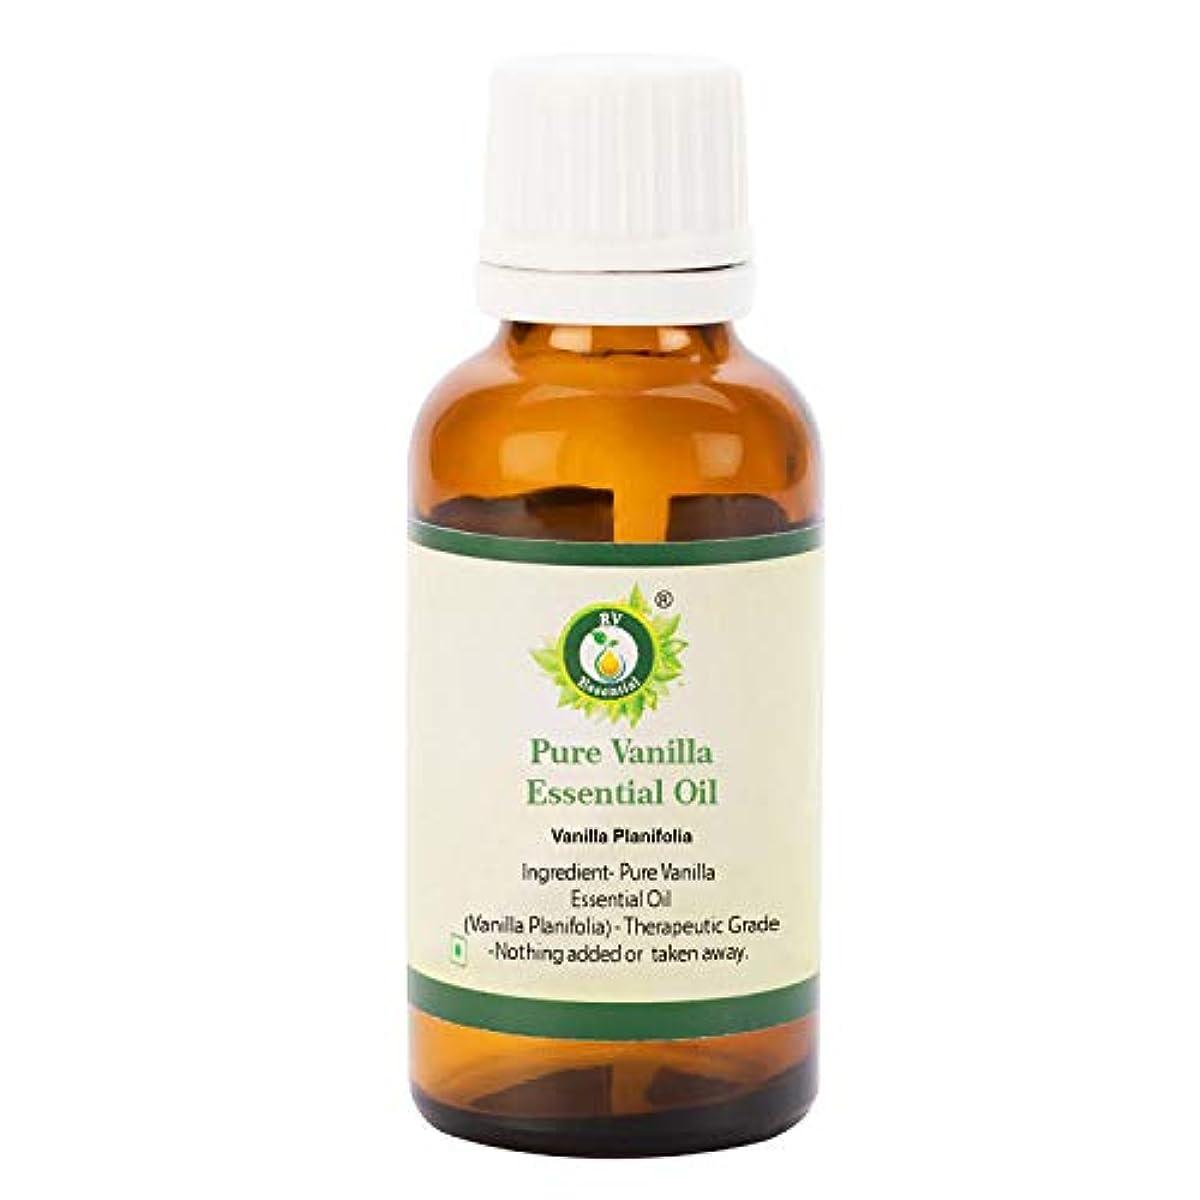 速記それに応じての前でR V Essential ピュアバニラエッセンシャルオイル50ml (1.69oz)- Vanilla Planifolia (100%純粋&天然) Pure Vanilla Essential Oil